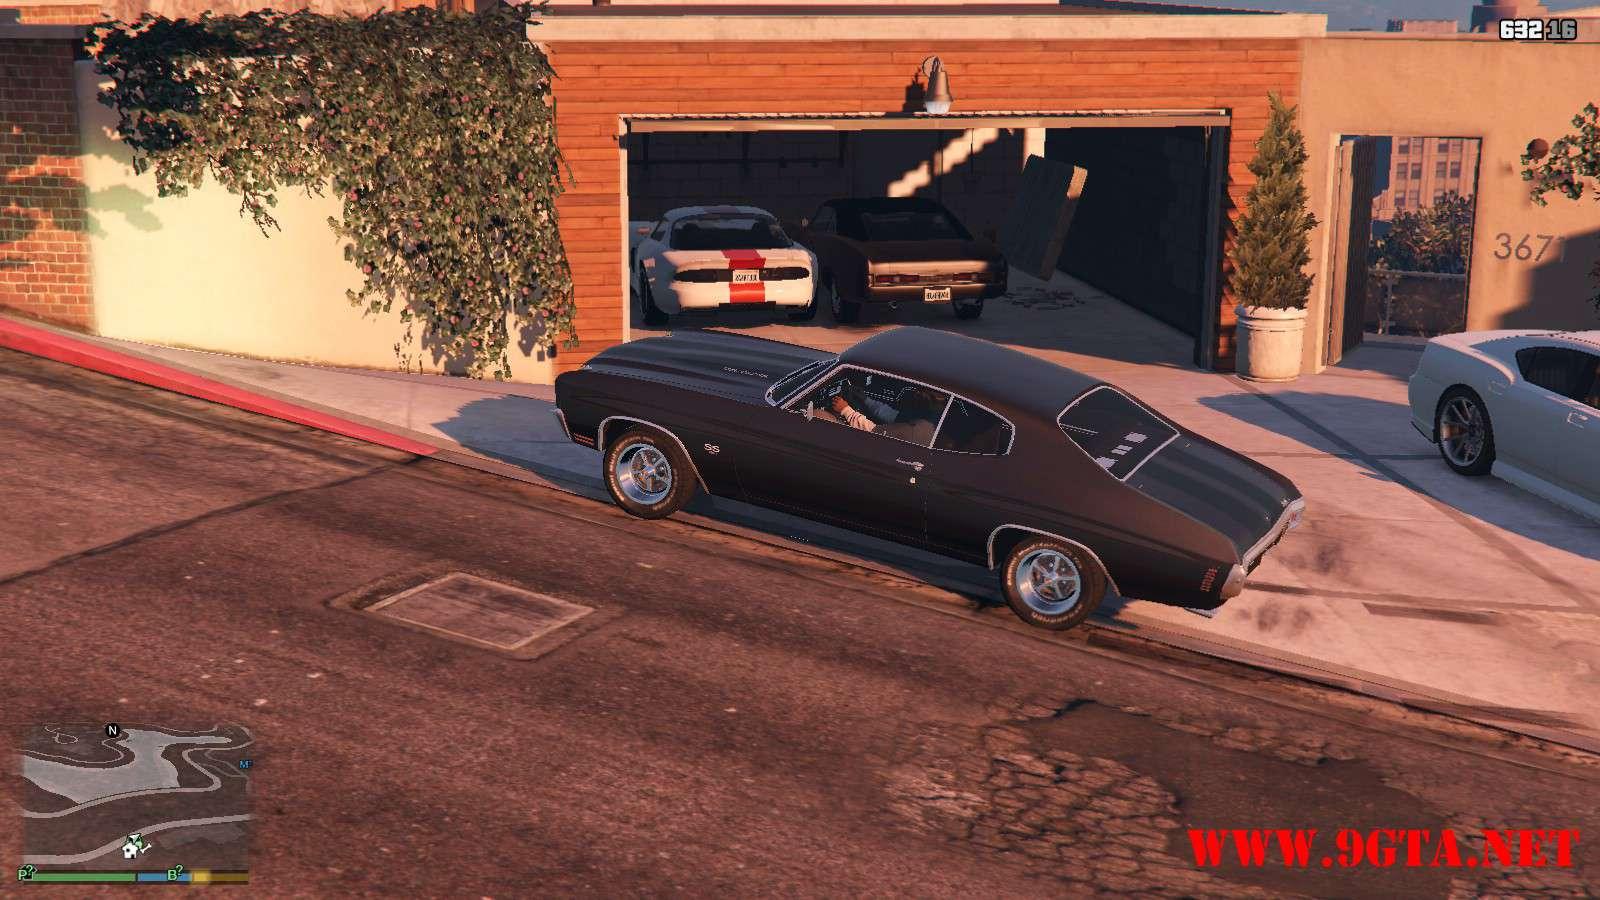 Chevrolet Chevelle SS v1.1 GTA5 Mods (16)